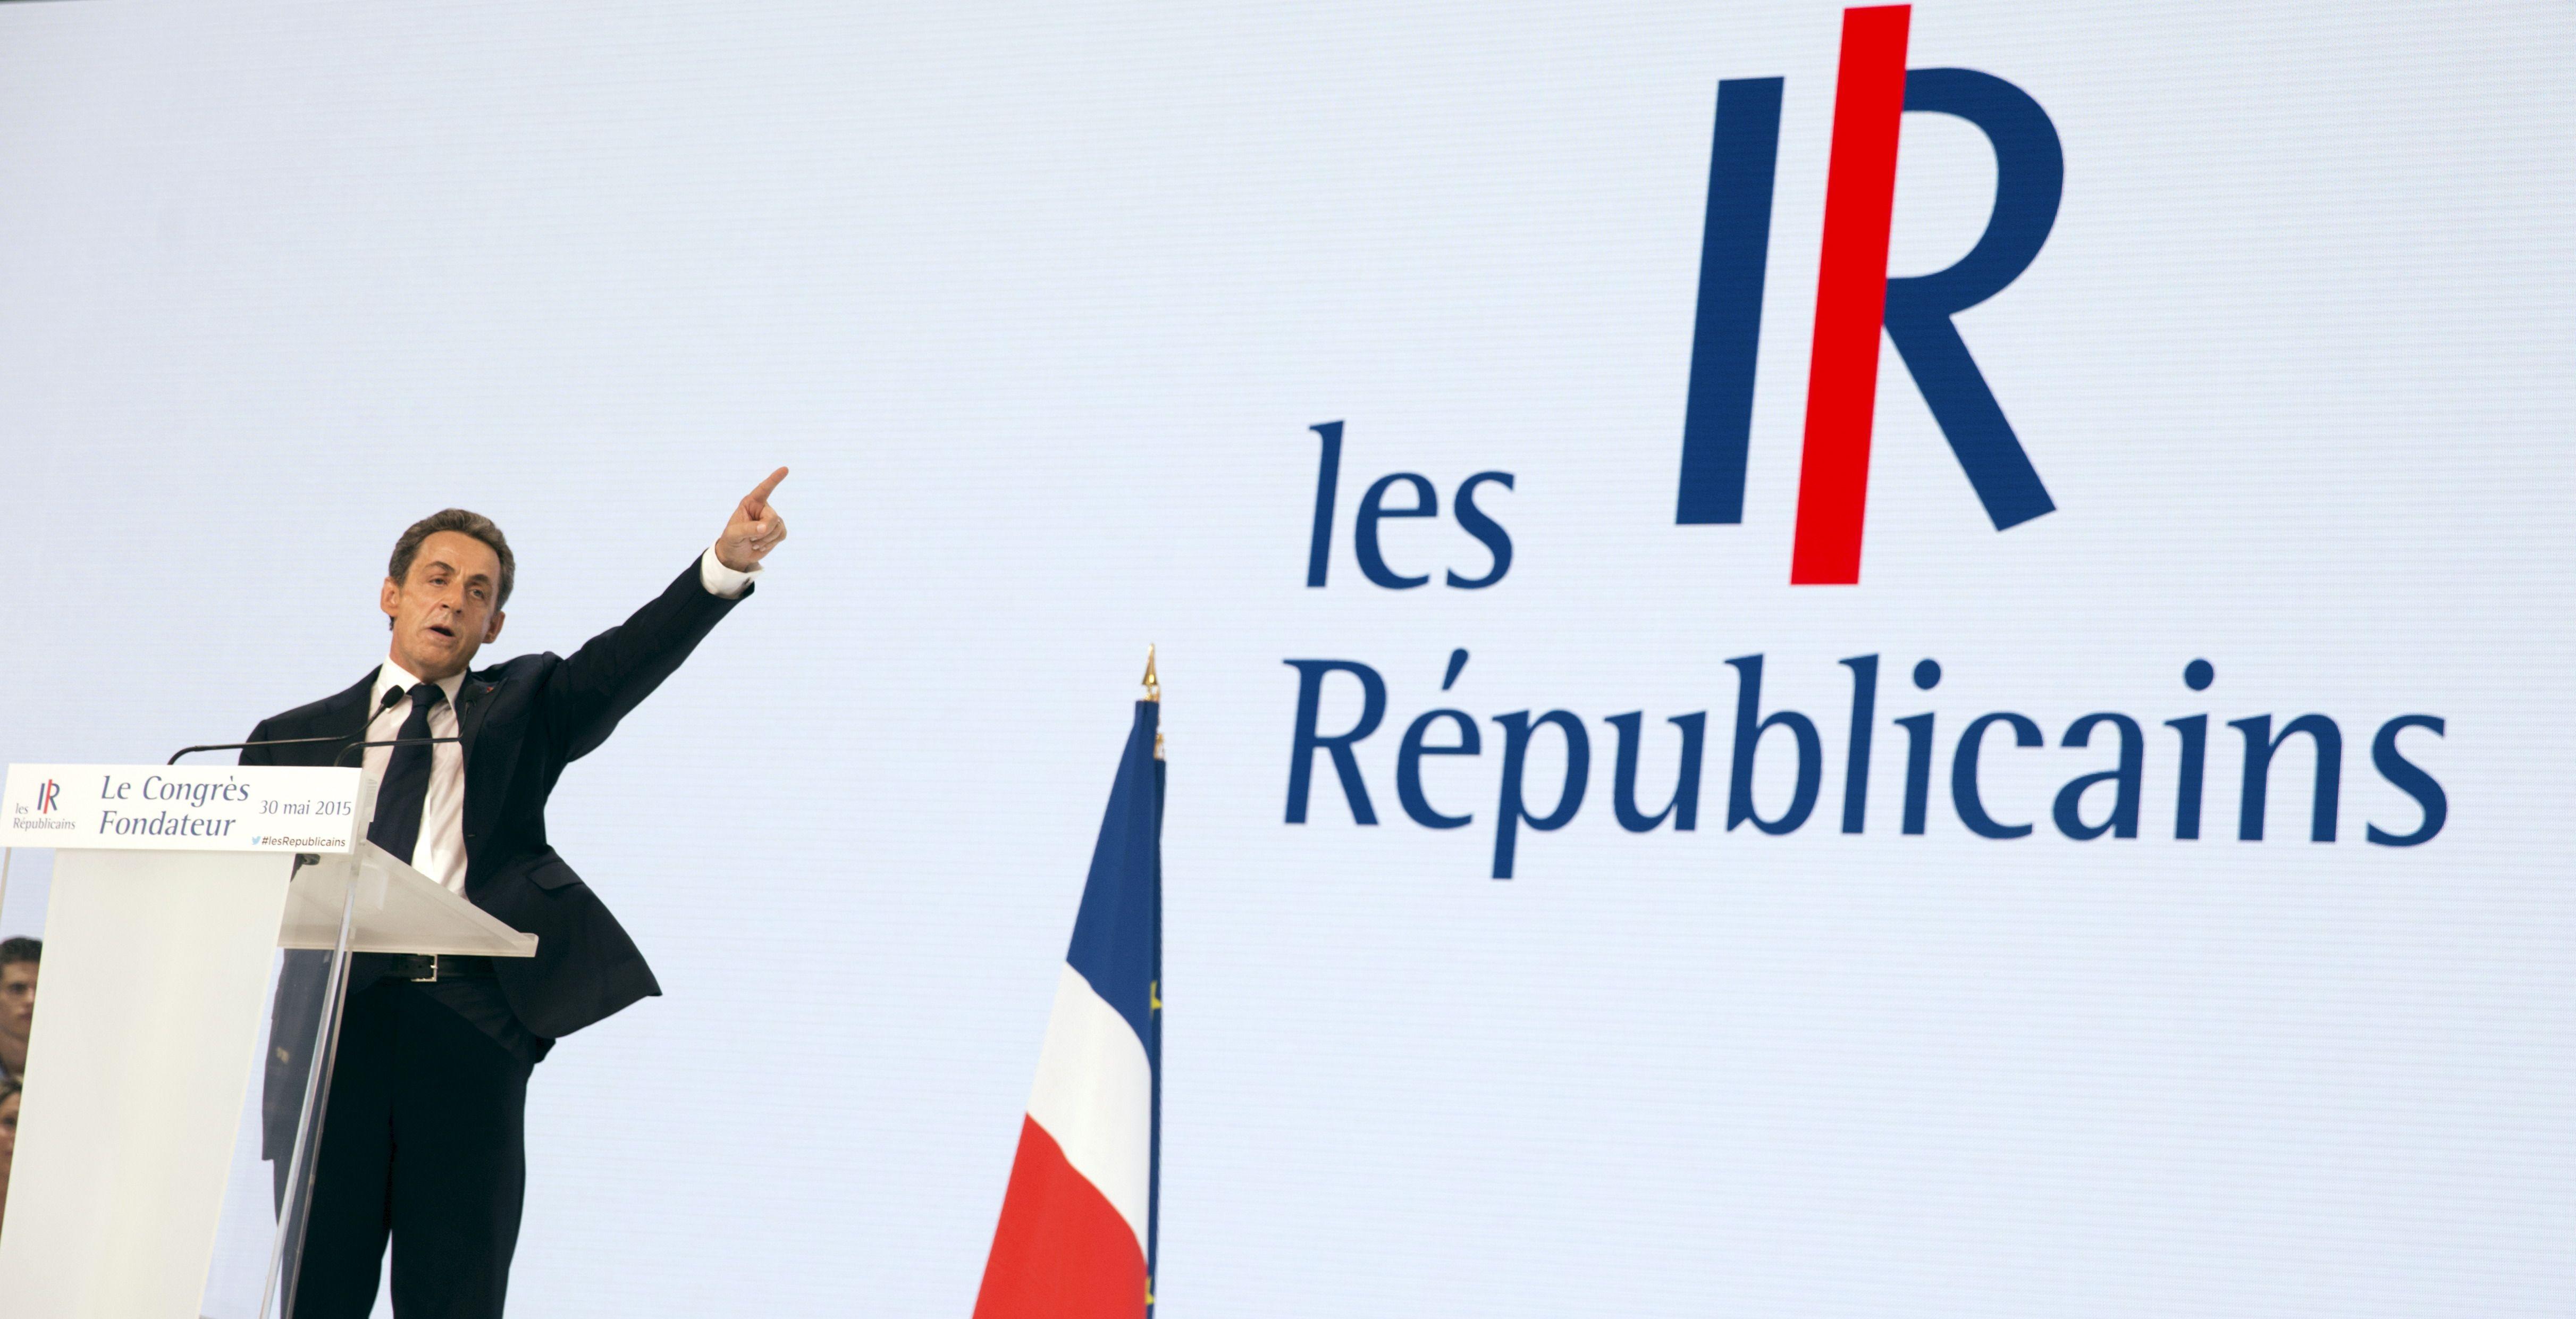 La primaire qui désignera le candidat de la droite pour la présidentielle de 2017 aura lieu les 20 et 27 novembre 2016.